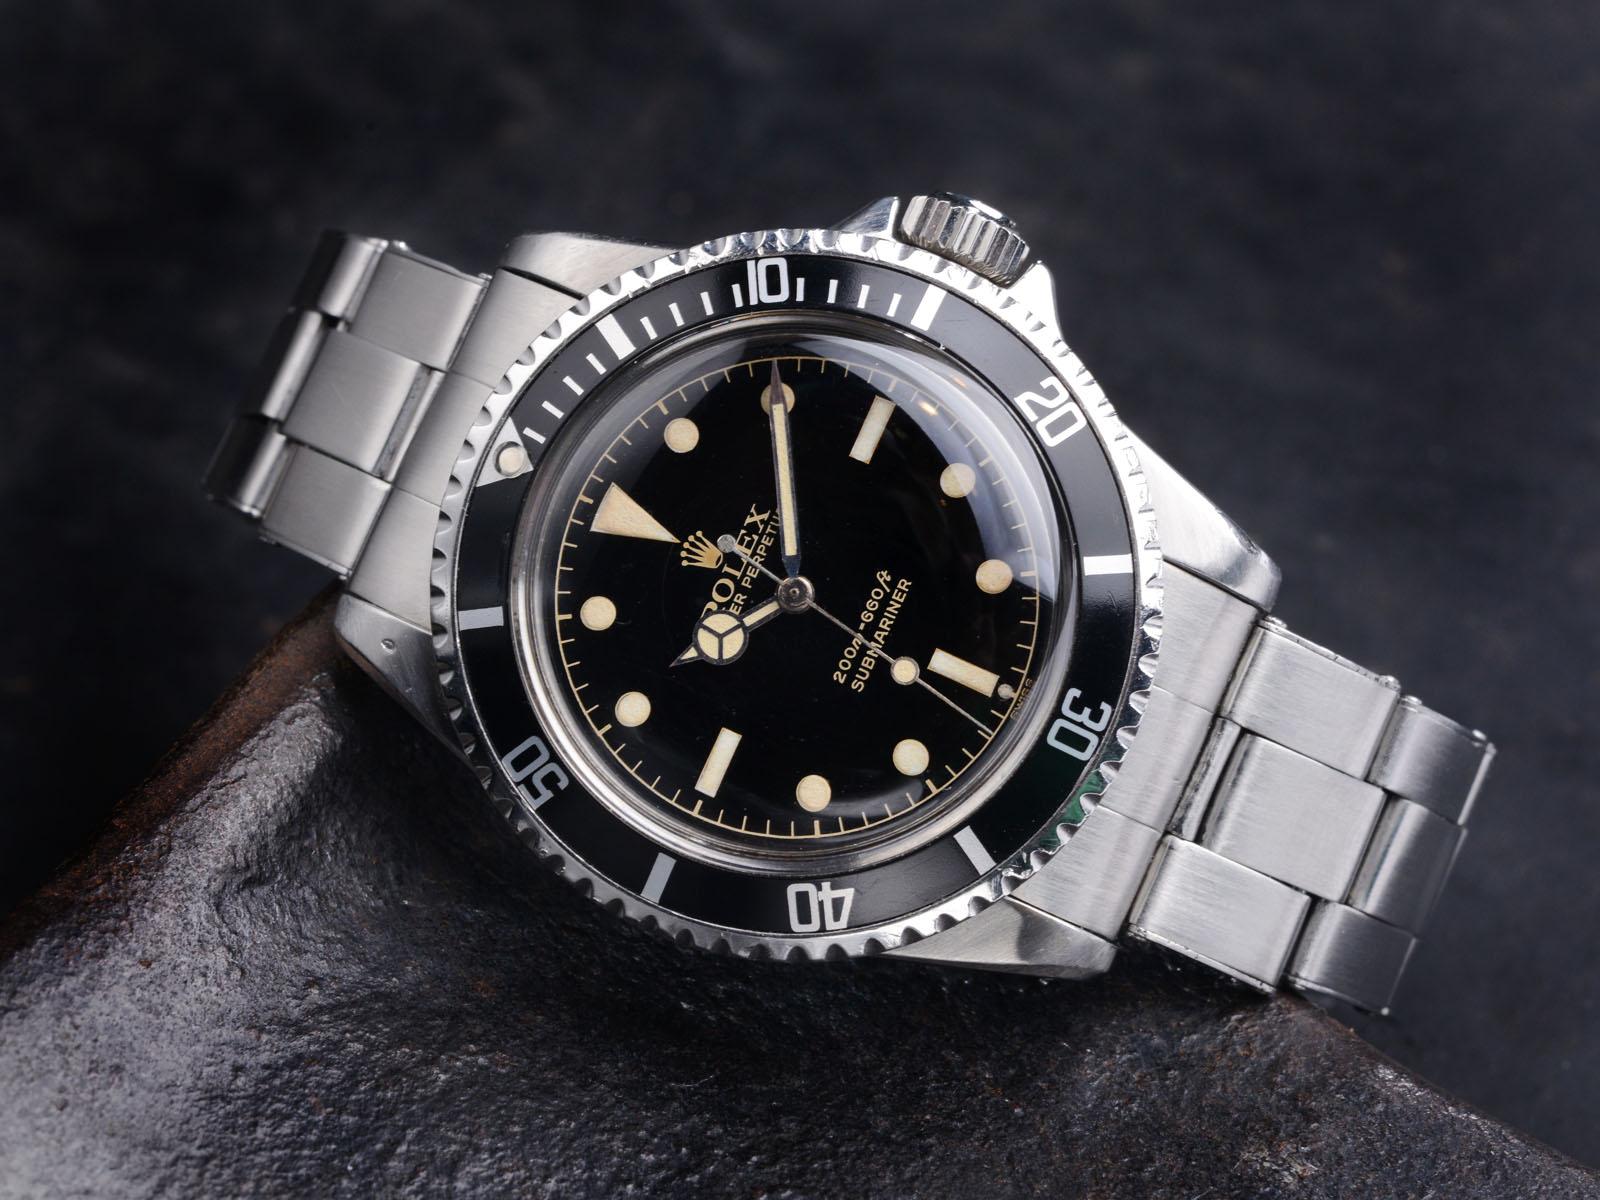 Rolex 5512 Submariner - Gilt Gen 1